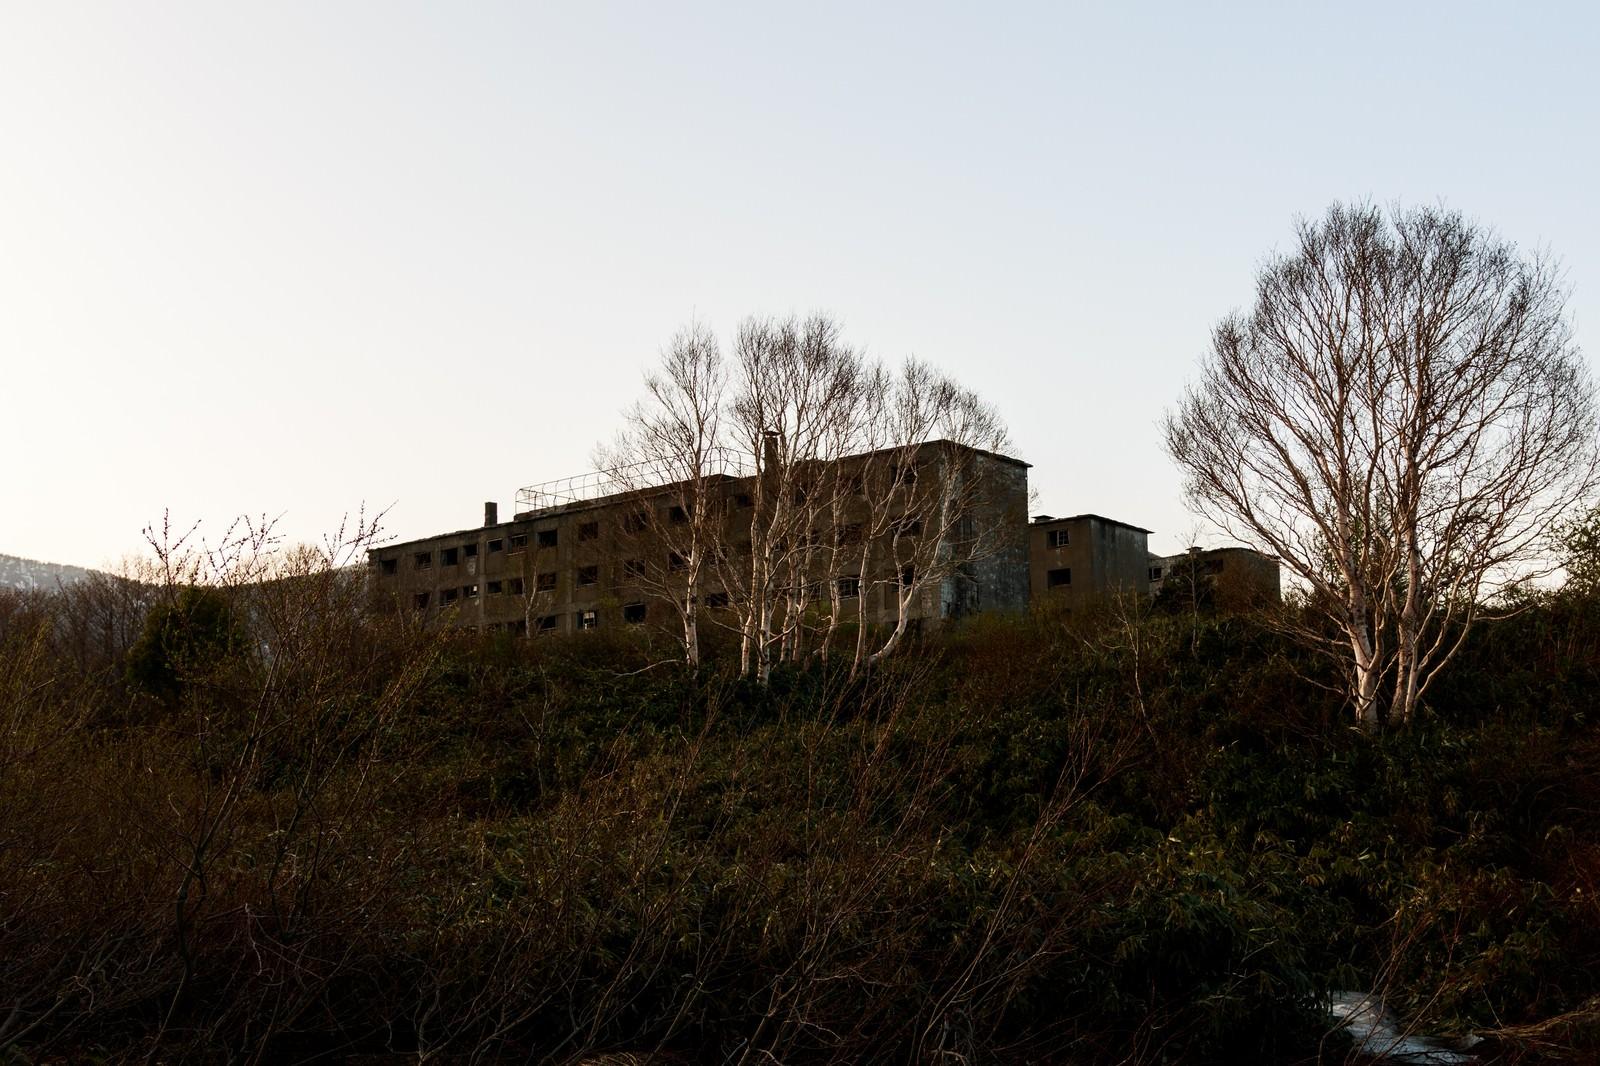 「夕暮れ時の松尾鉱山廃墟」の写真